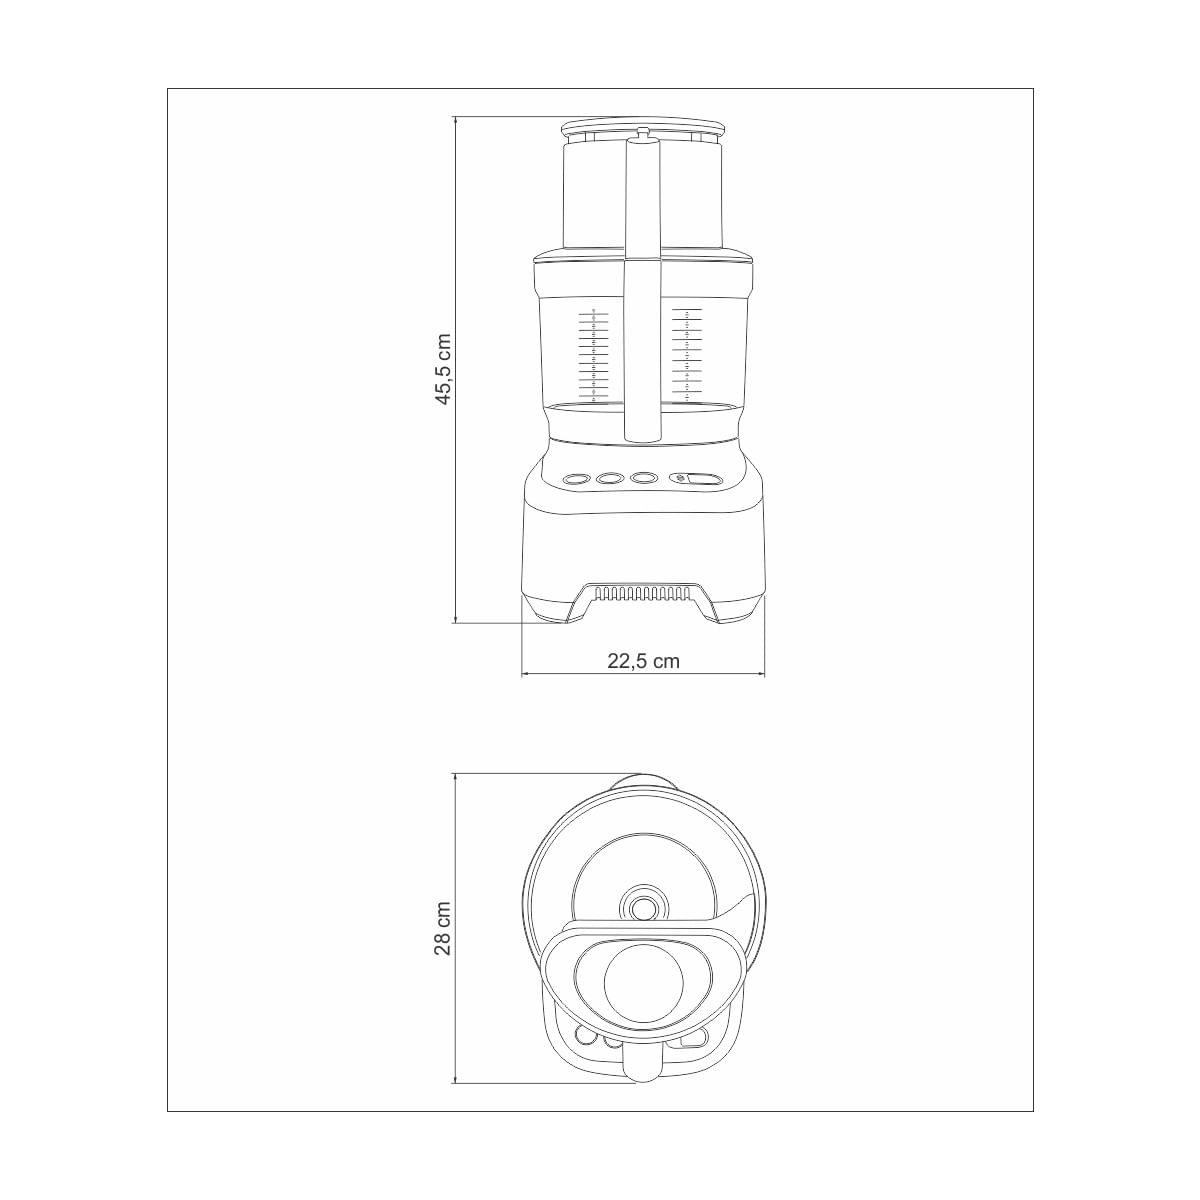 Multiprocessador Slice Pro 3,7 Litros 1200 Watts 220V Tramontina 69020012